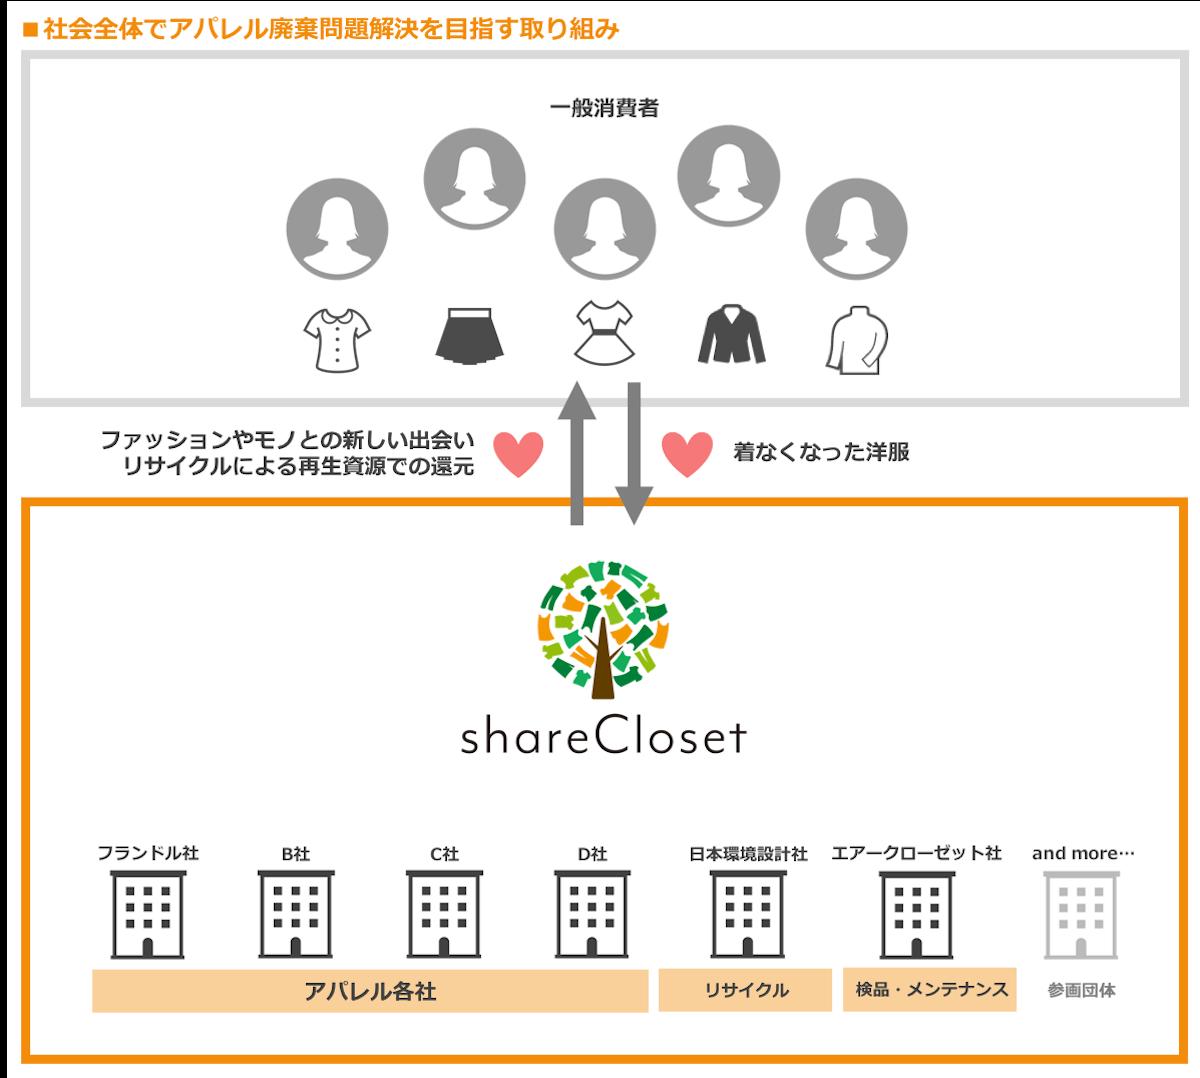 着なくなった洋服を活かす、アパレル廃棄問題解決プロジェクト『shareCloset』が始動!! lifefashion181213_shareCloset04